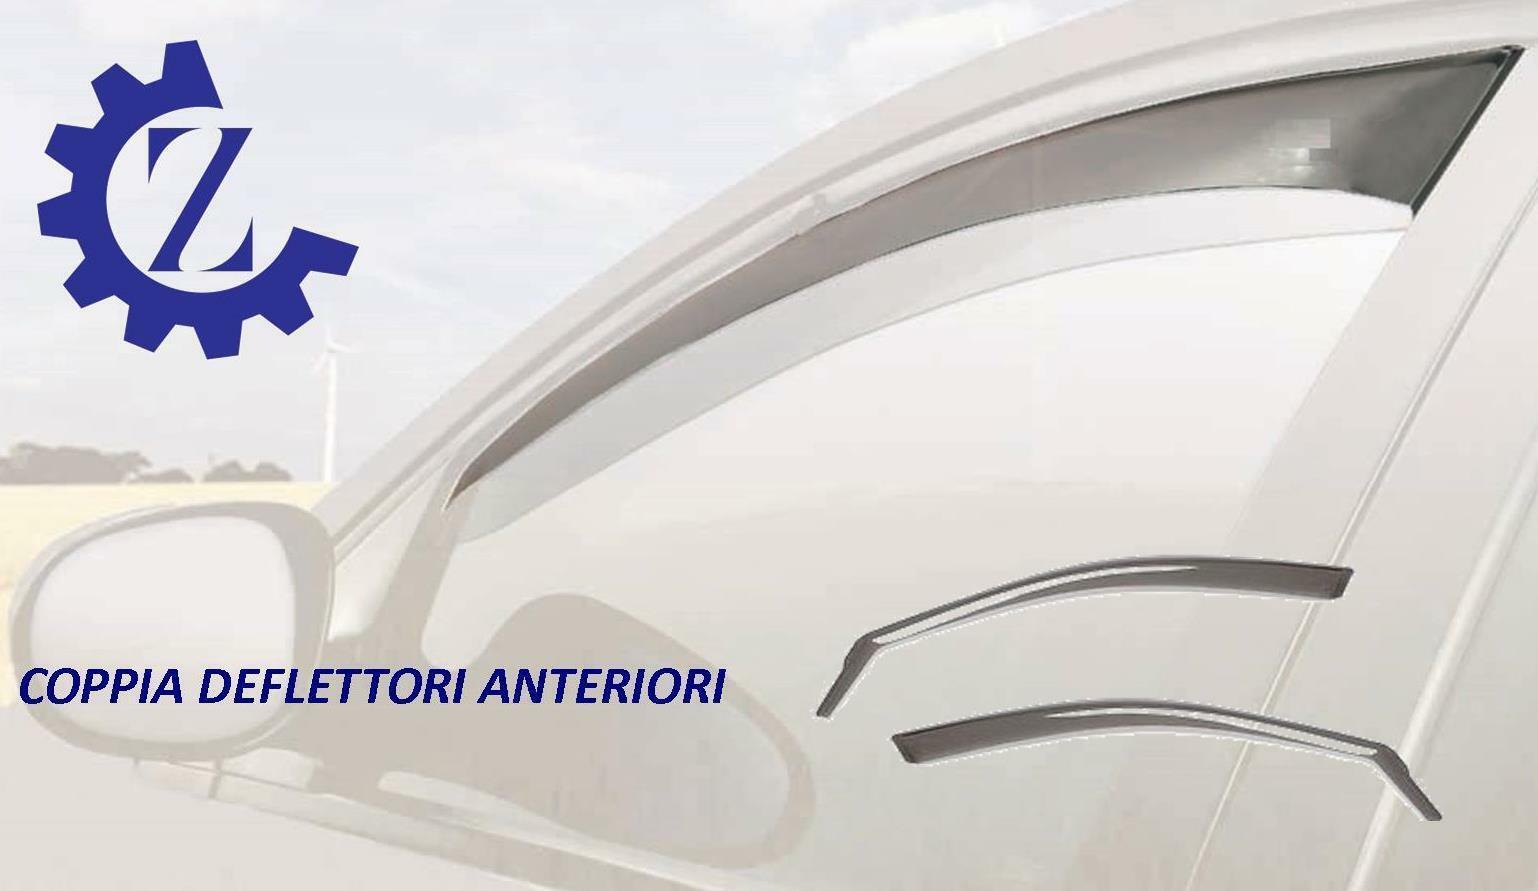 DEFLETTORI ARIA ANTITURBO PER PEUGEOT 205